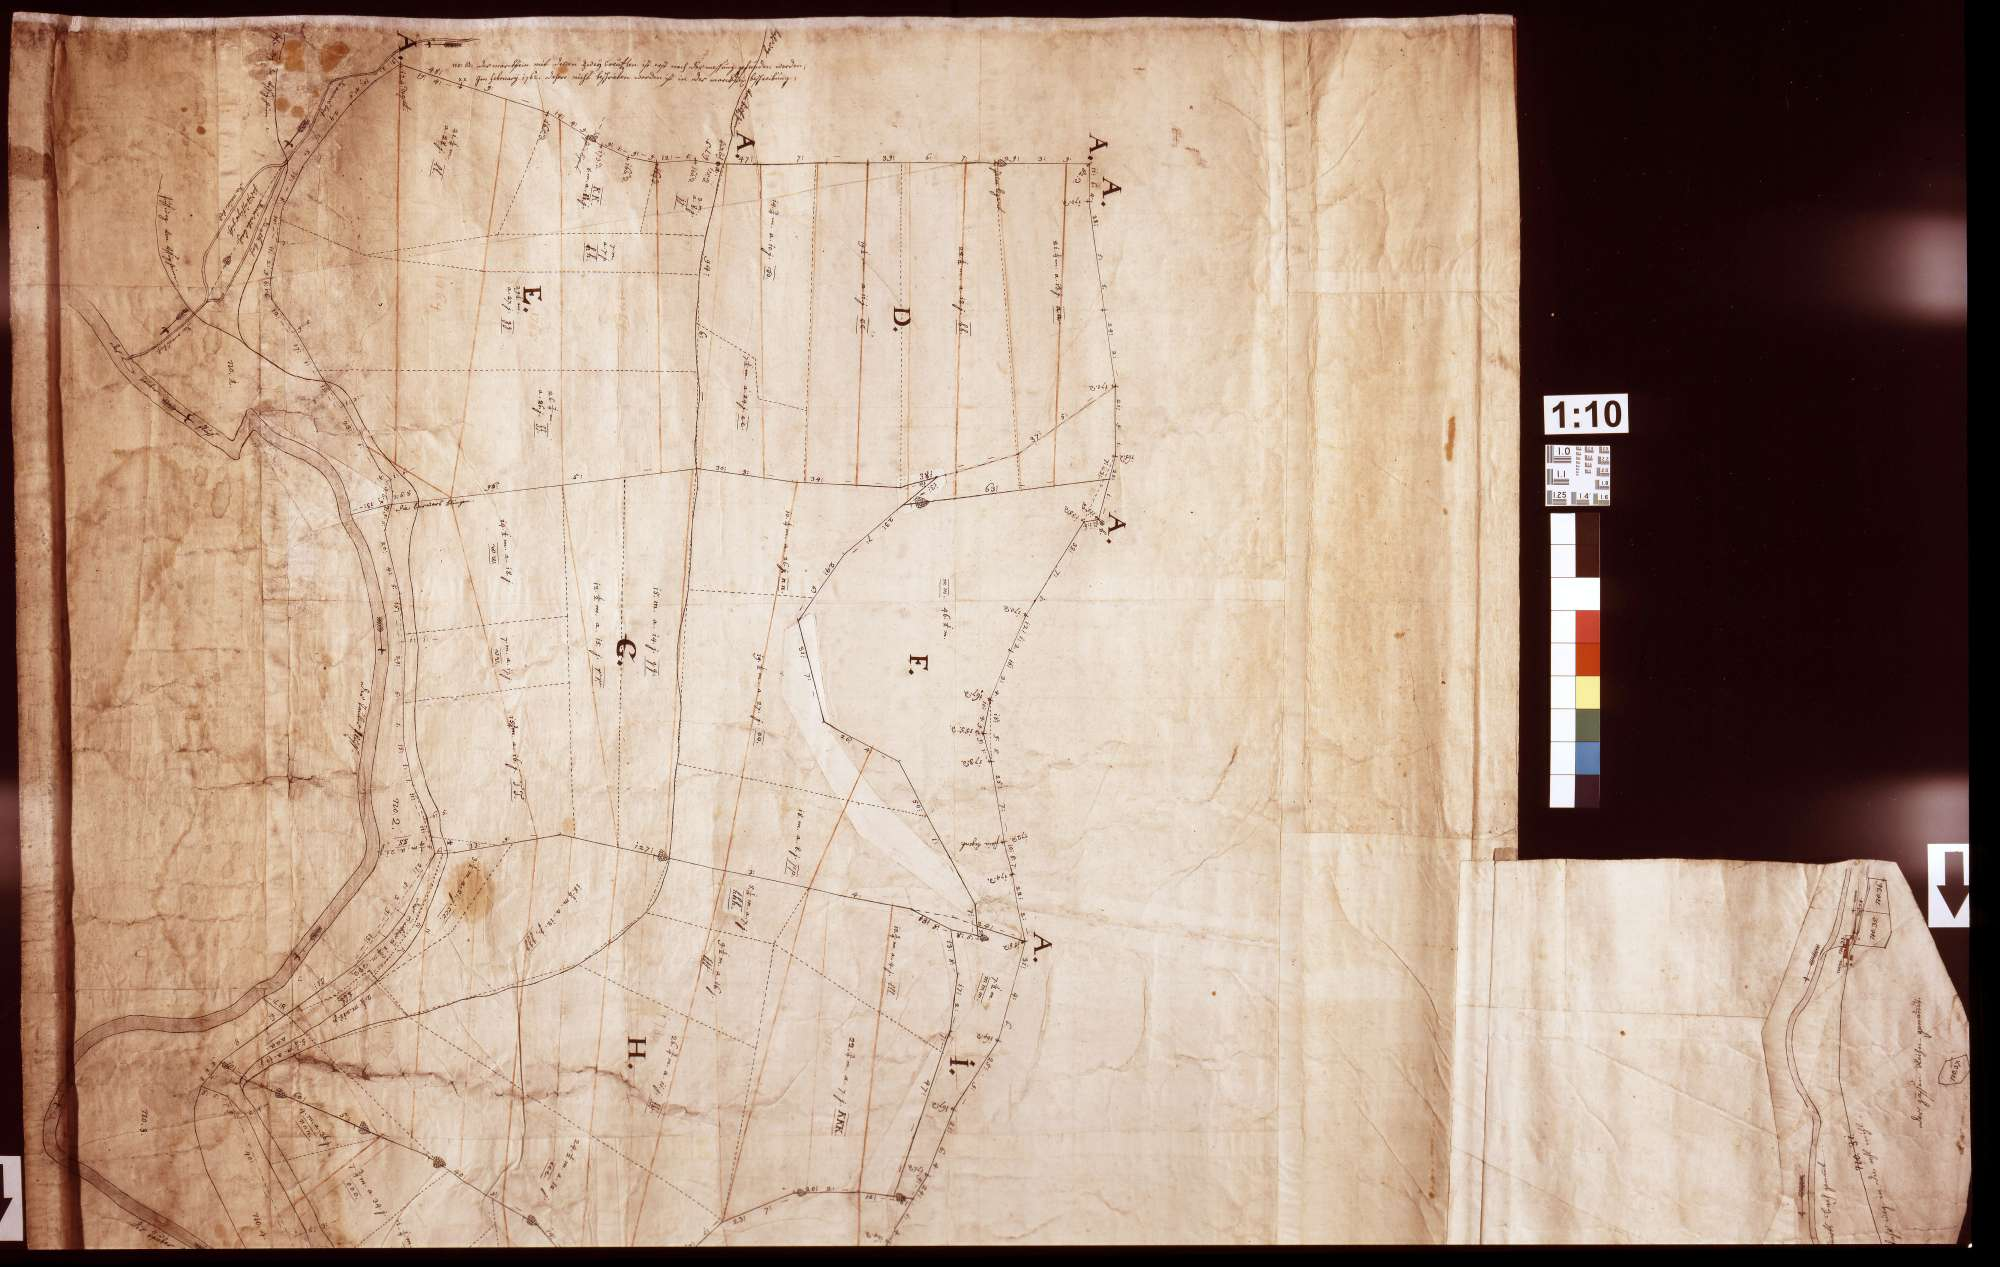 [Vermessung des bronnbachischen Schönertwaldes] (Inselkarte], Bild 1